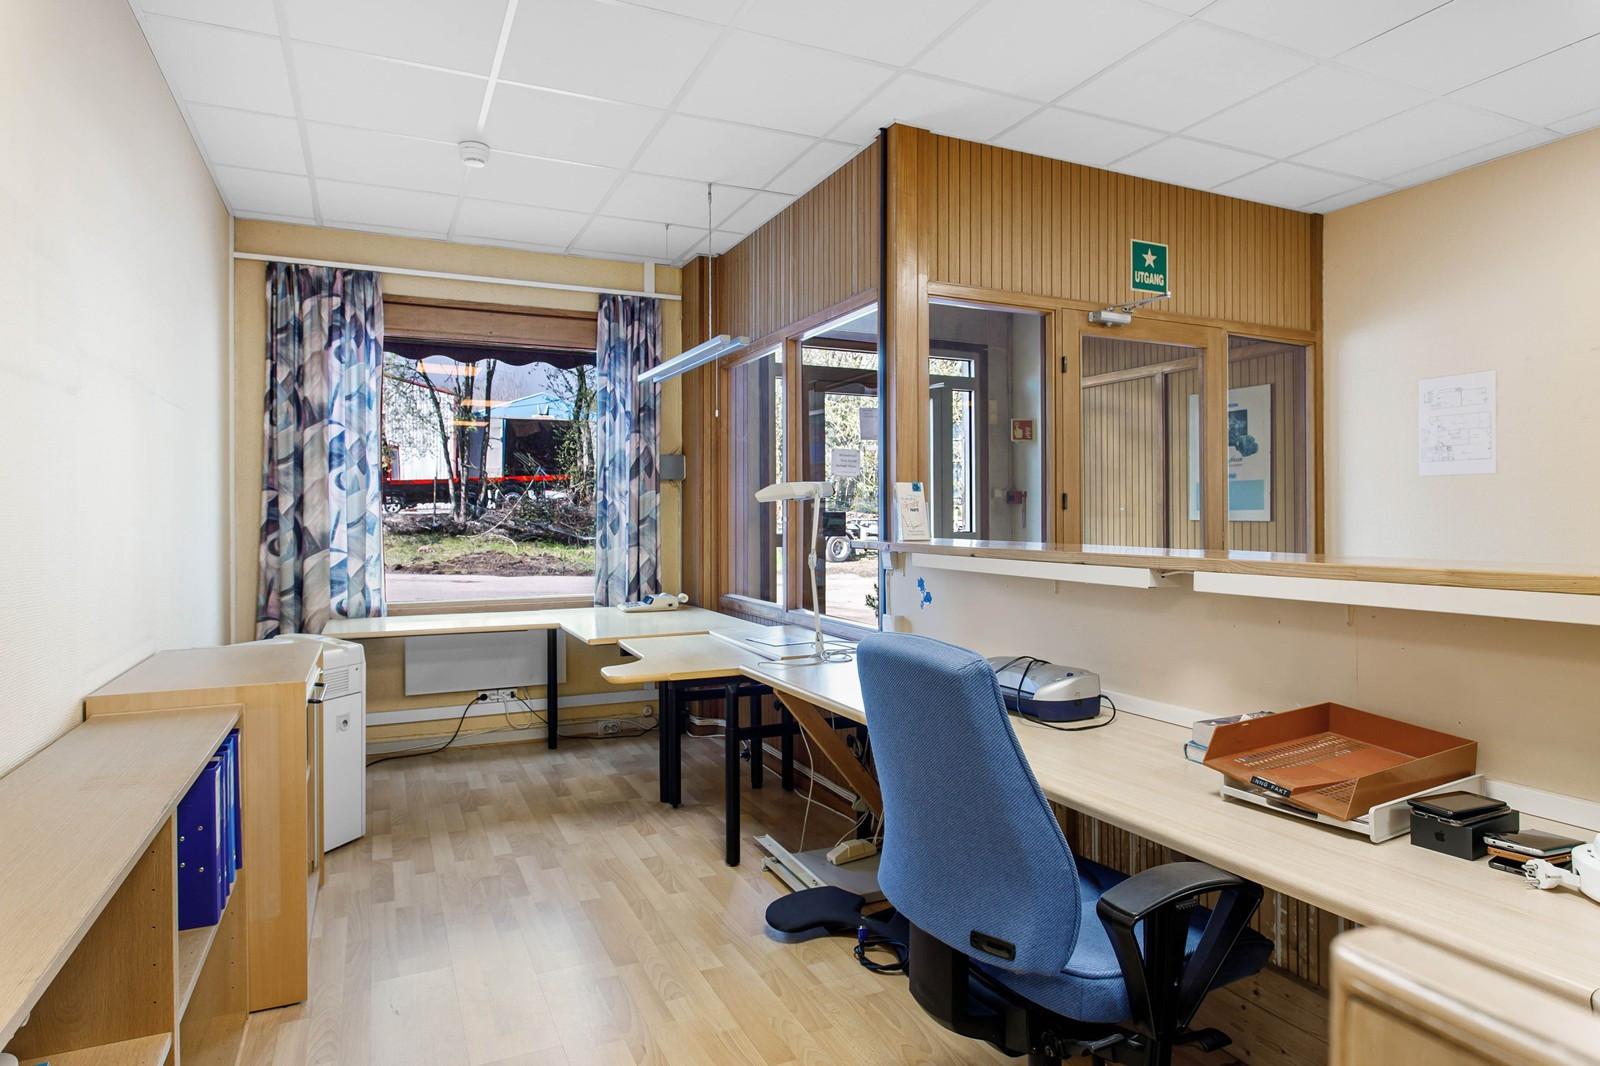 Inngang kontor / resepsjon / mottaksområde